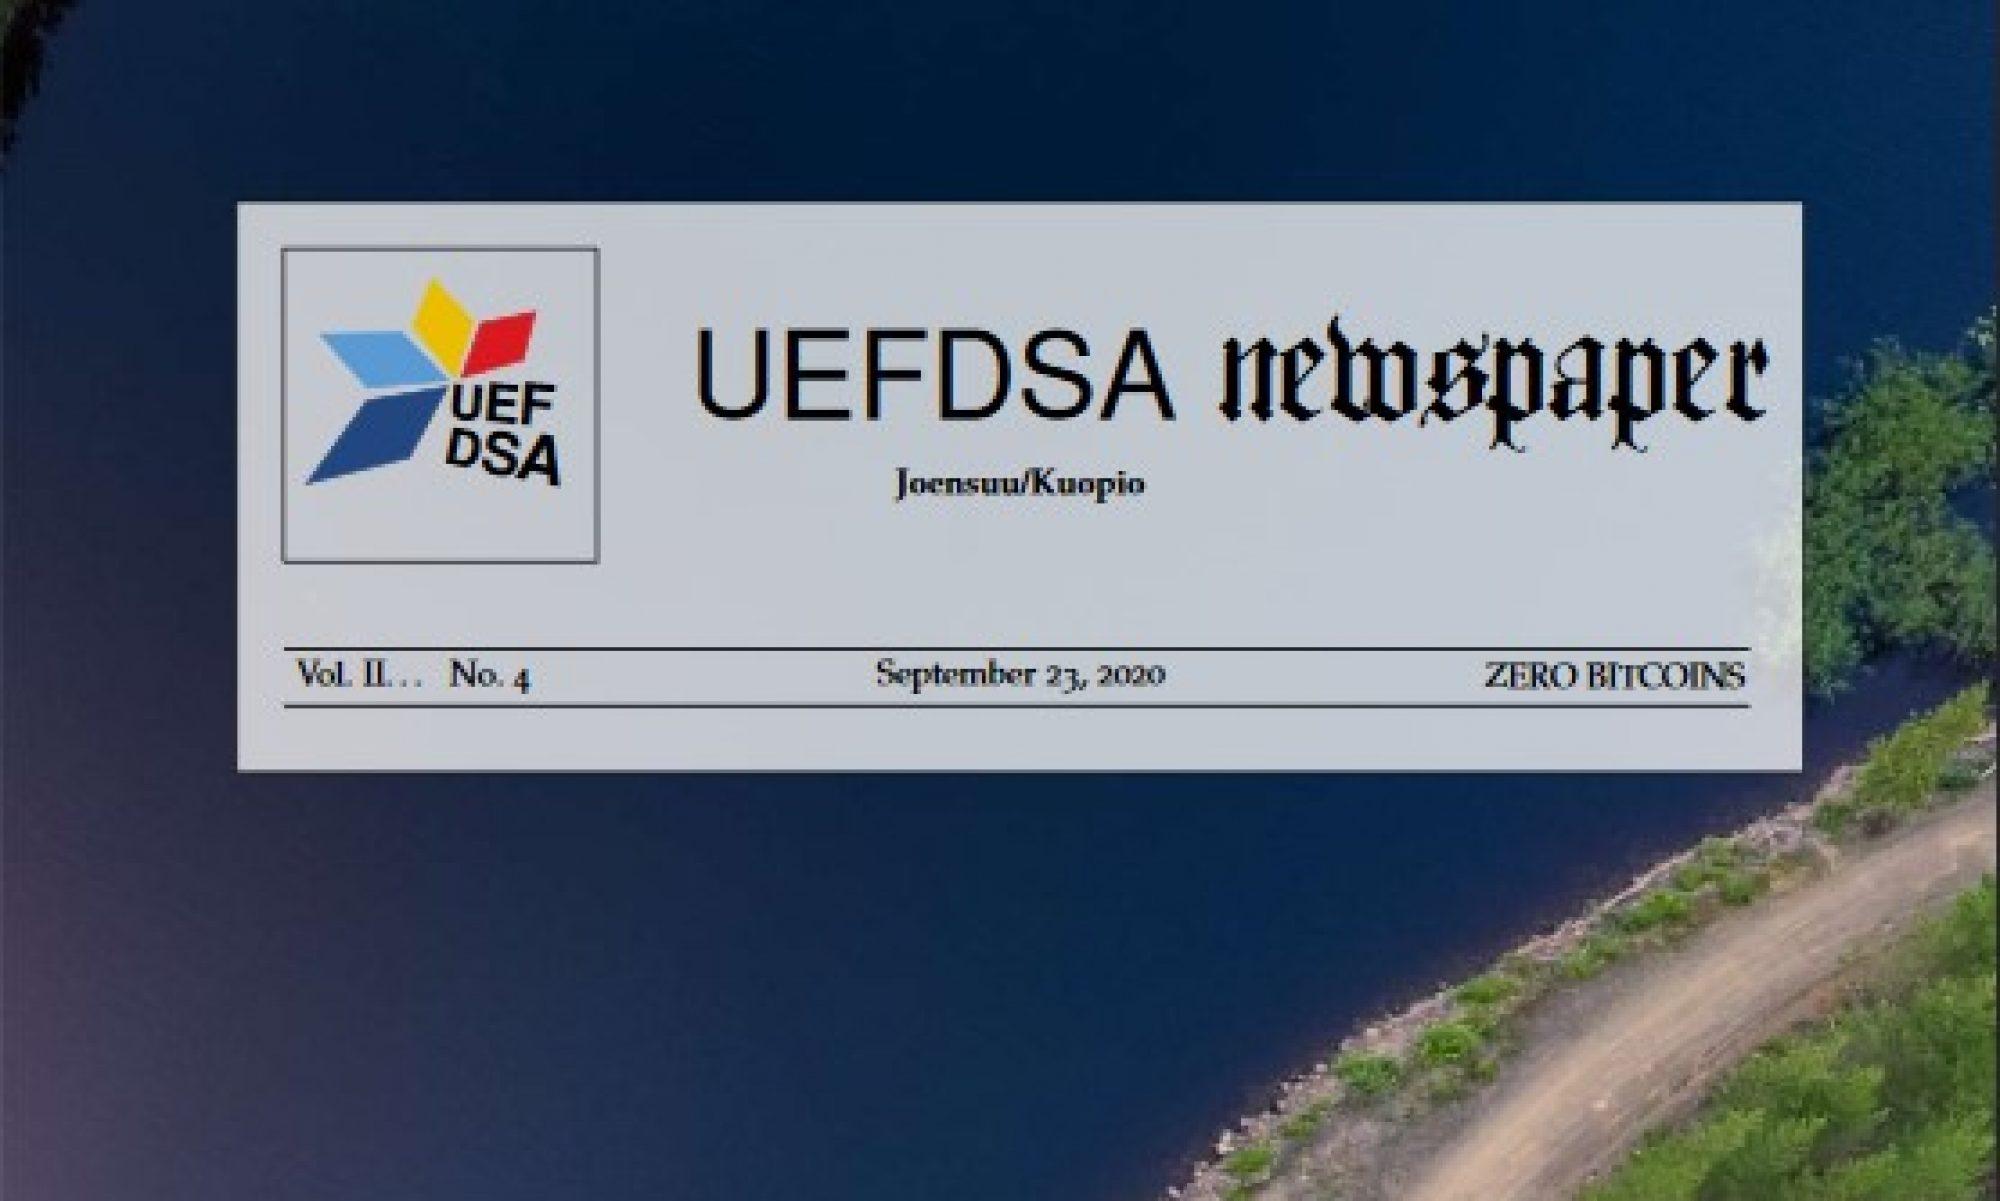 UEF Doctoral Student Association